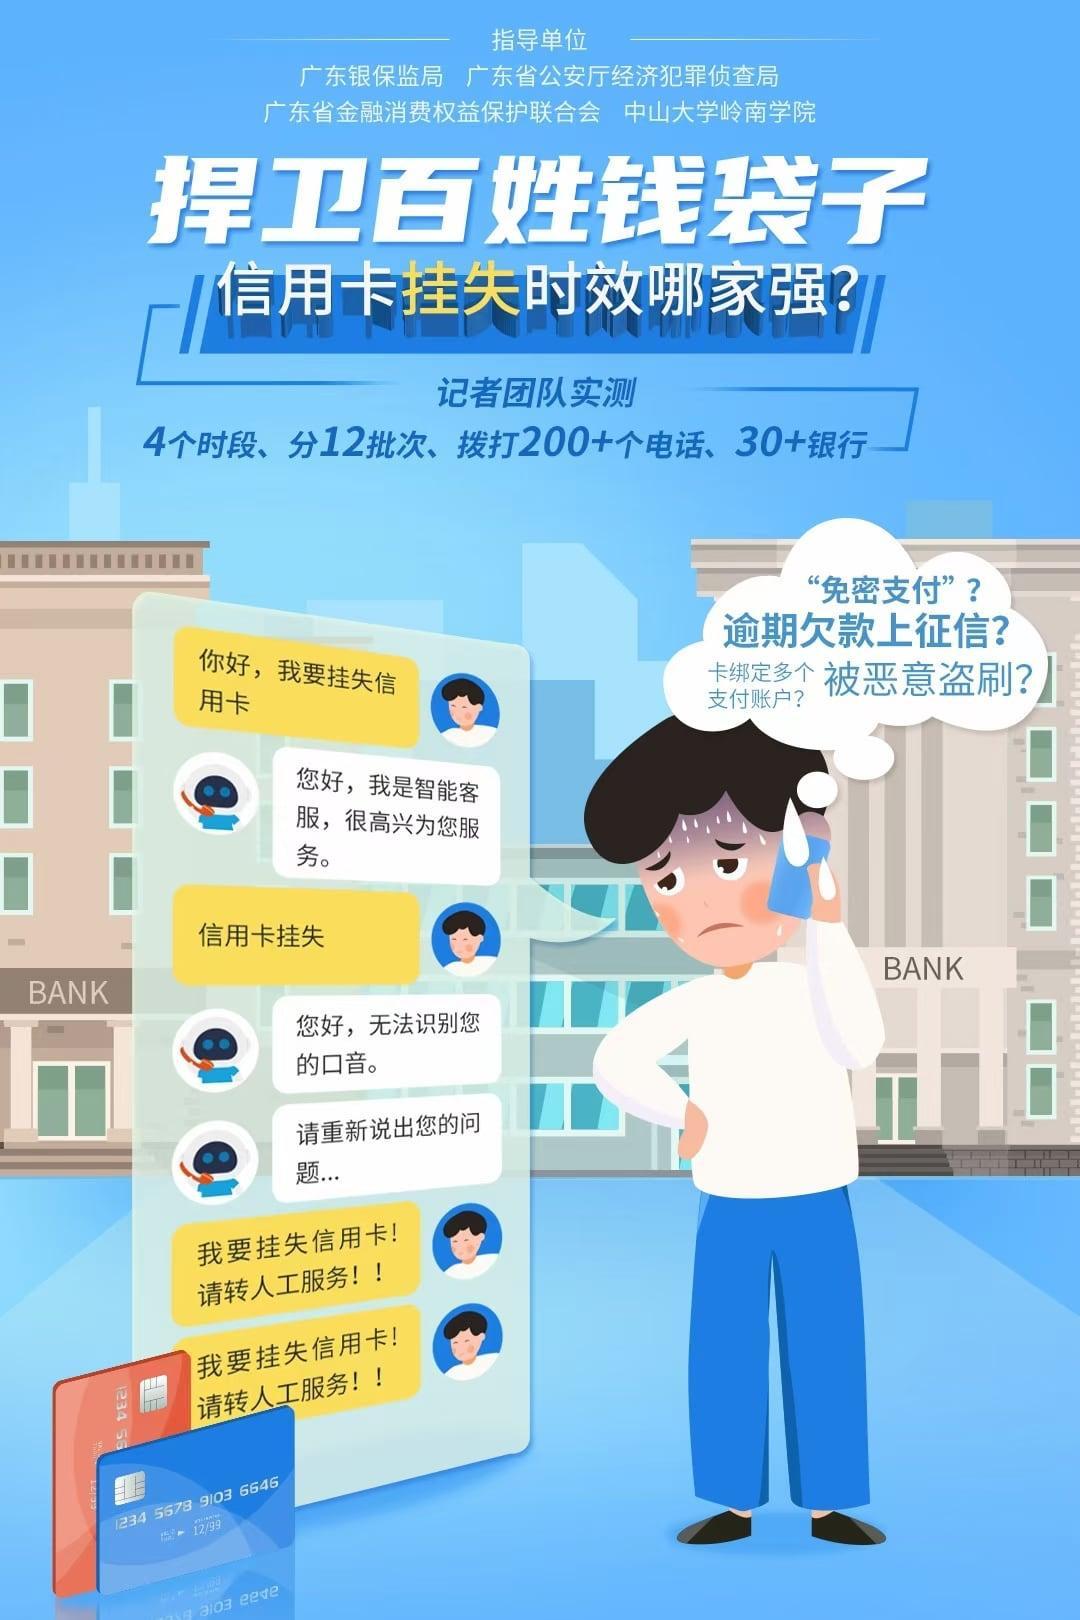 广东银保监局表态:将推动辖内银行机构提升信用卡服务质效